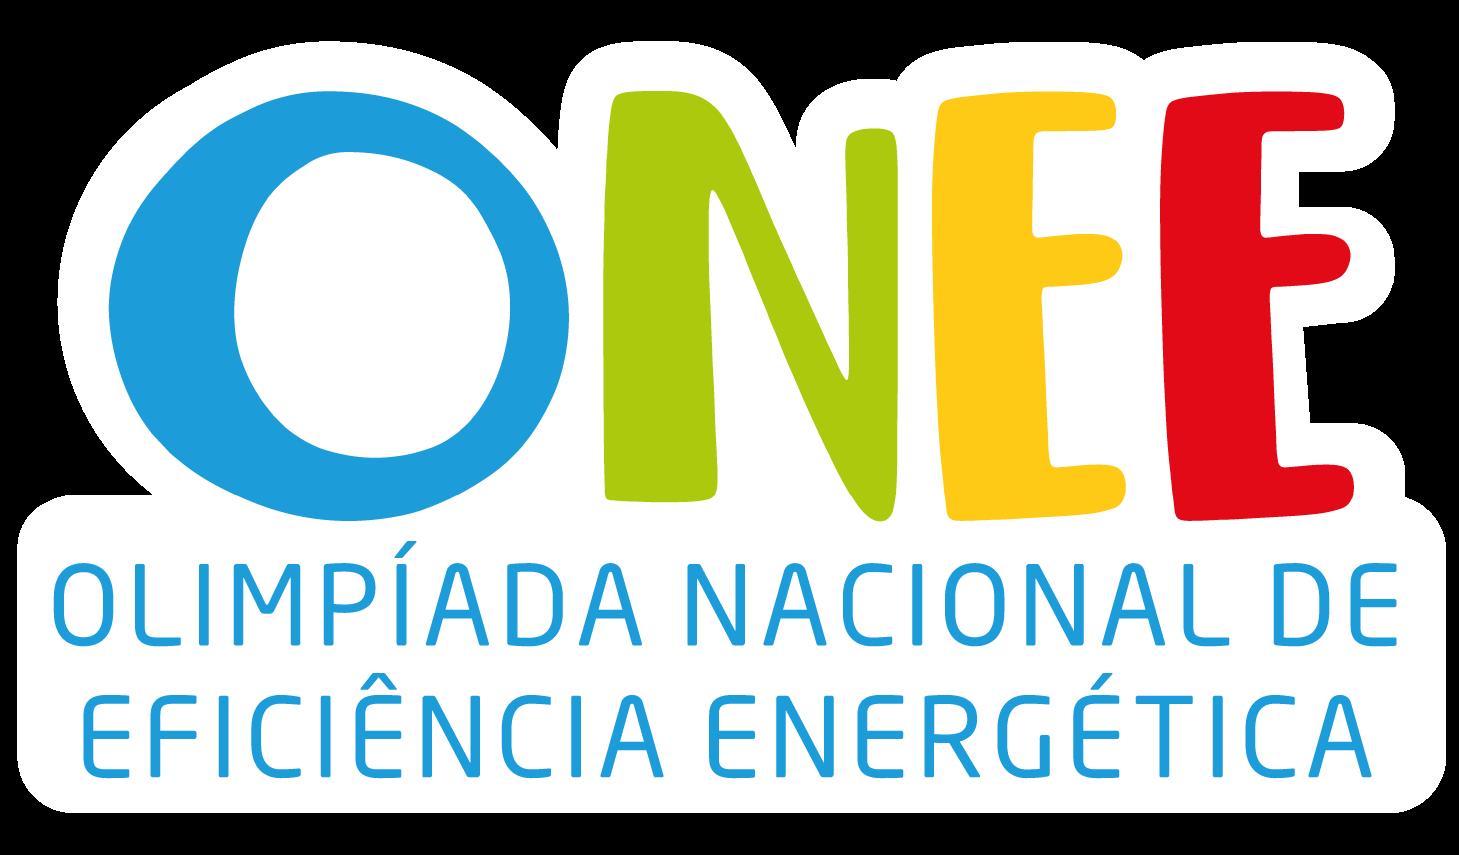 Alunos de escola de São José da Glória são premiados em  Olimpíada Nacional de Eficiência Energética